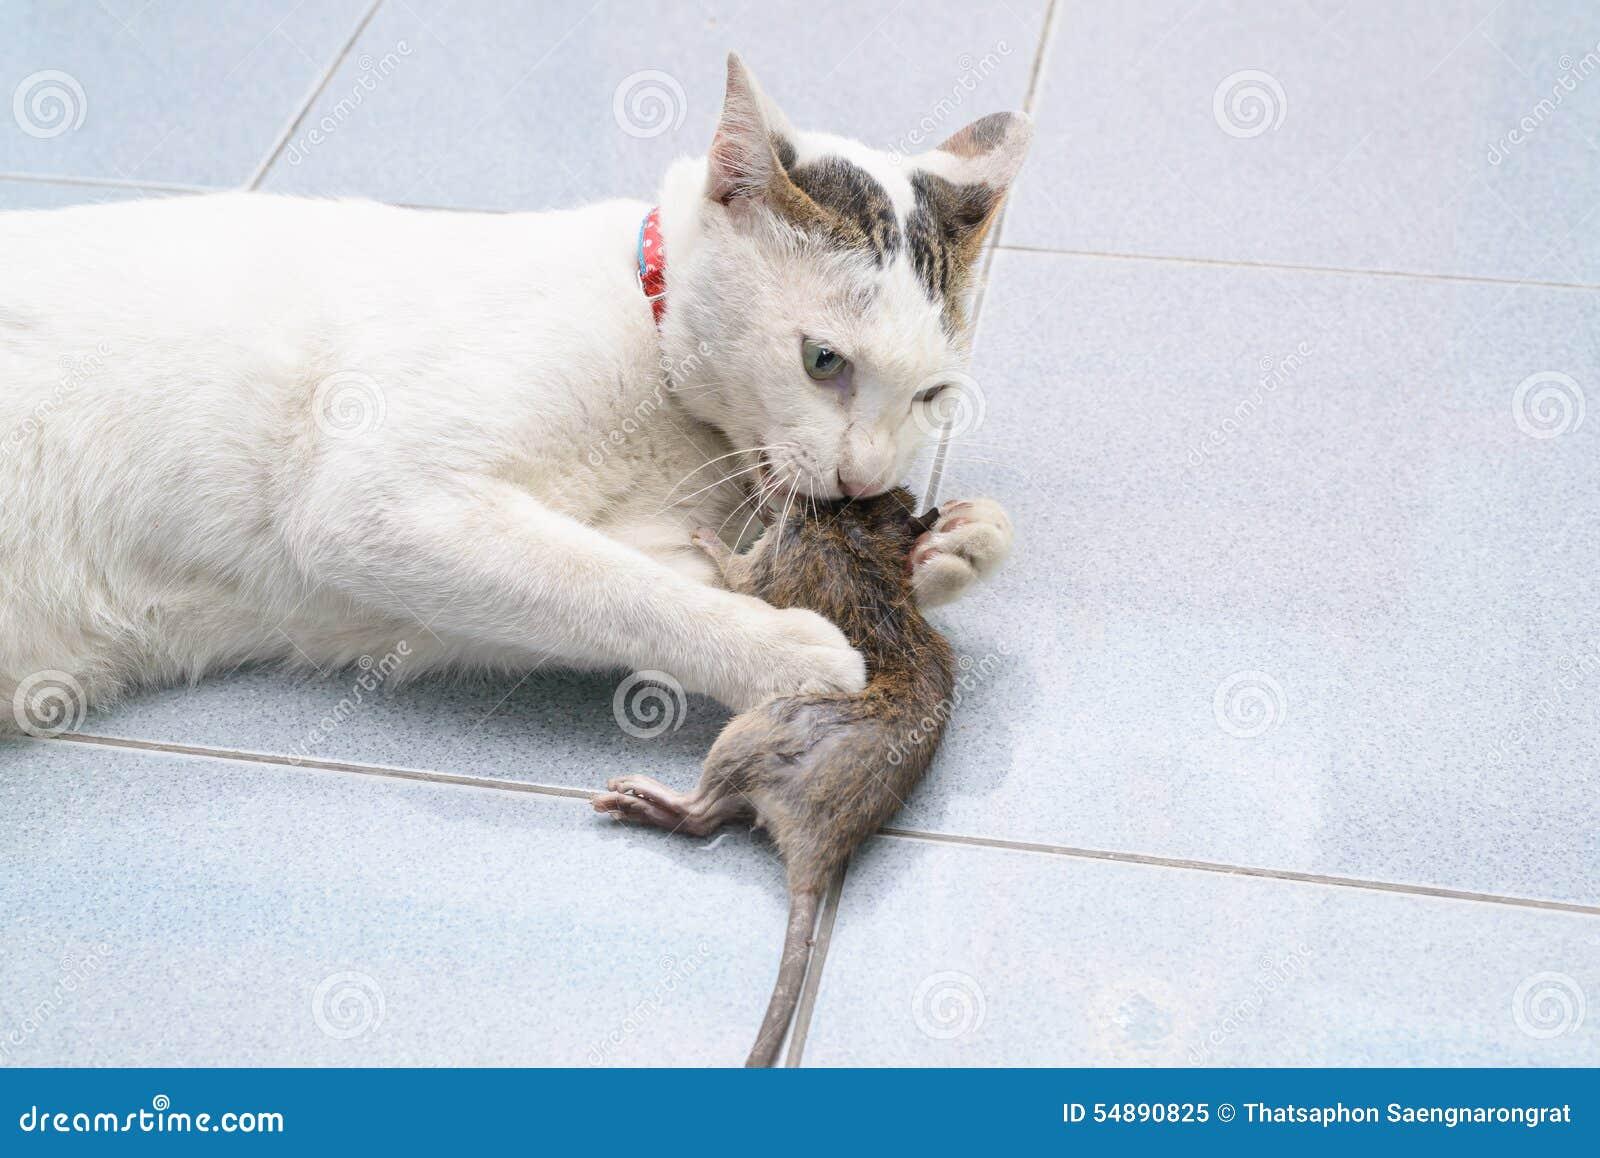 crochet de chat et souris de morsure rat image stock image 54890825. Black Bedroom Furniture Sets. Home Design Ideas